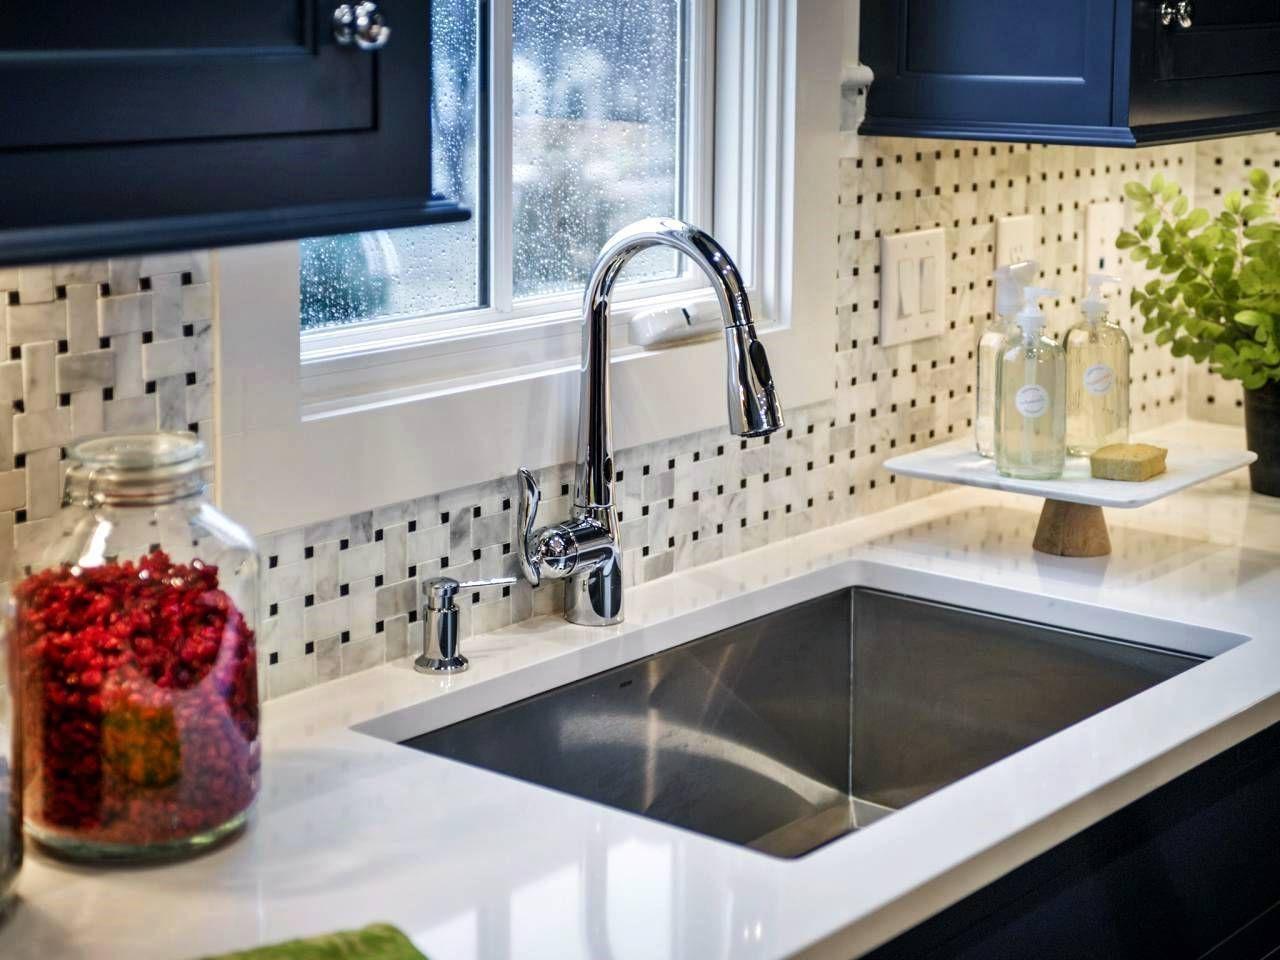 best inexpensive kitchen backsplash ideas from cheap backsplash ideas for kitchen kitchen on outdoor kitchen backsplash id=38077